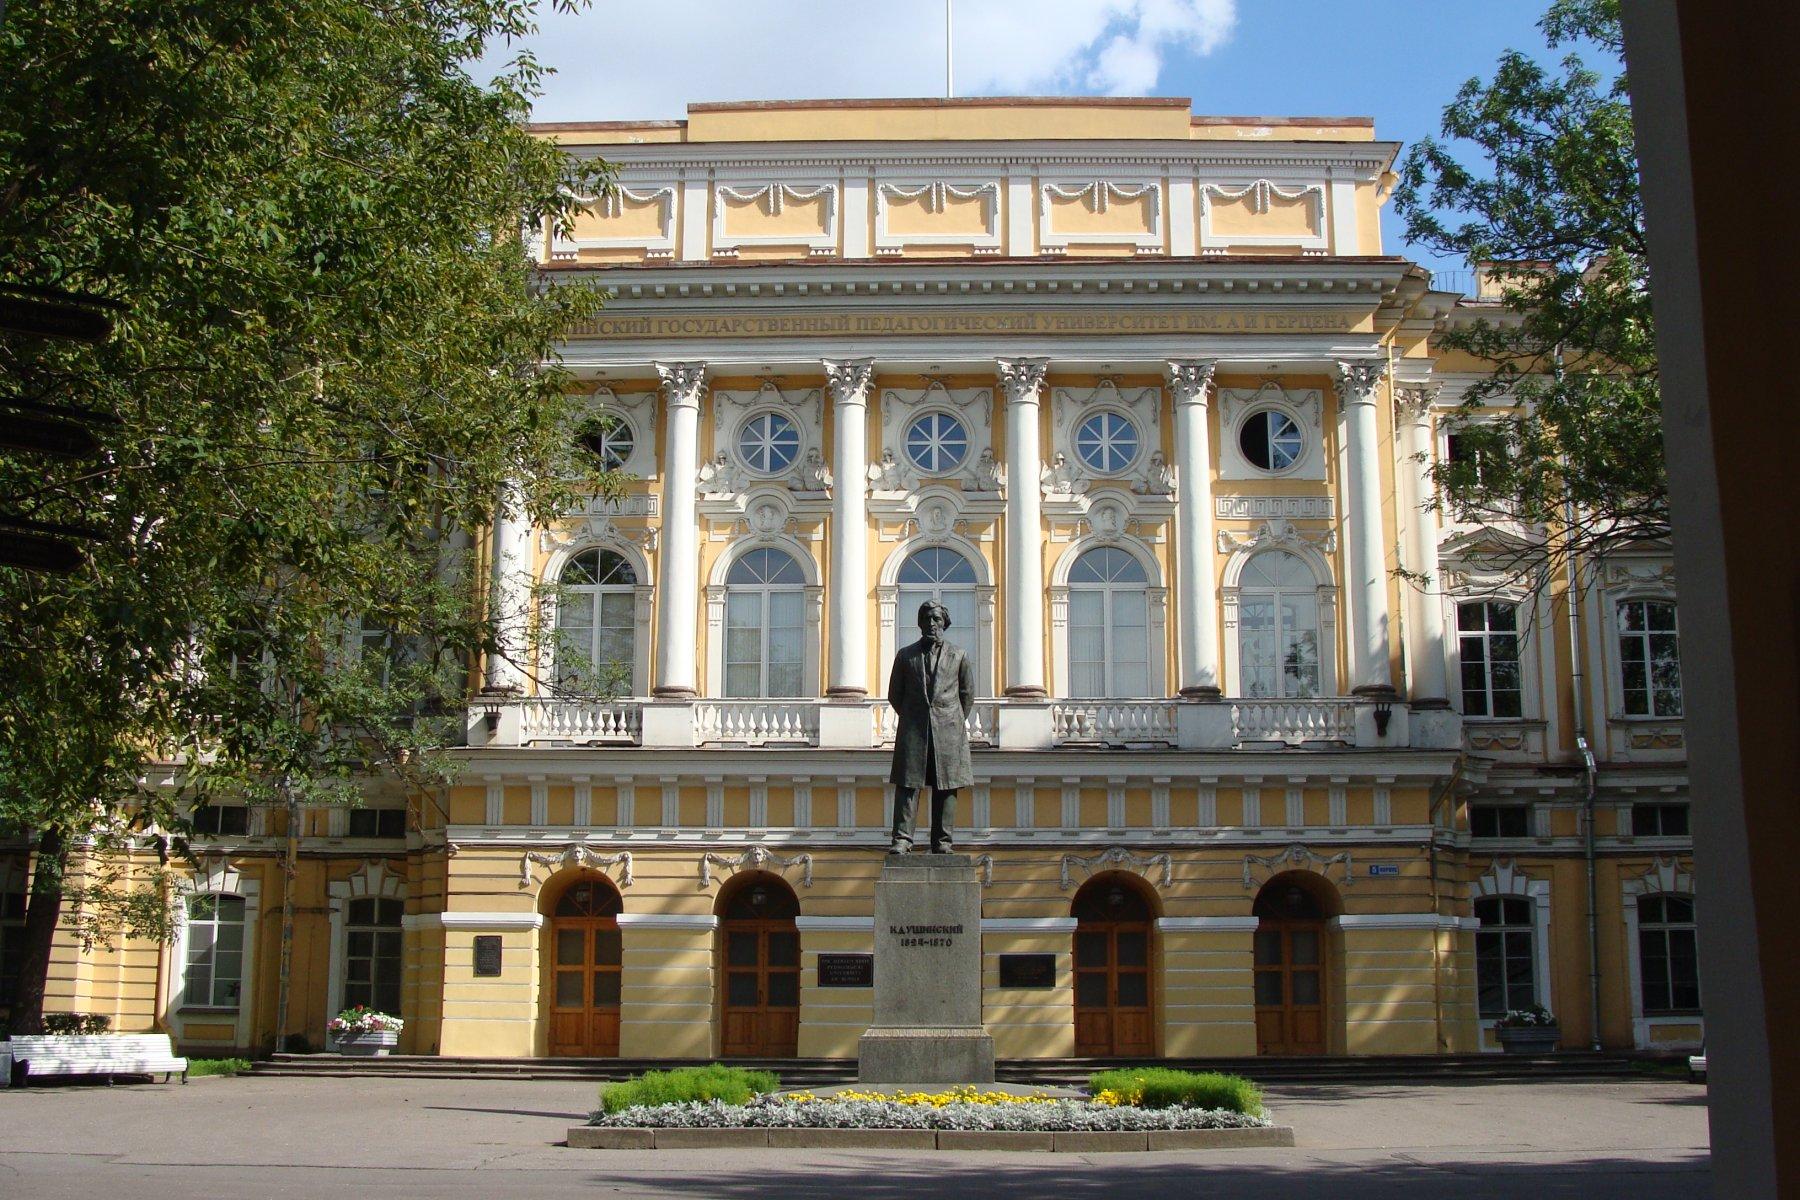 Университет имеет давнюю историю и культуру, зарекомендовал себя, как один из лучших педагогических университетов